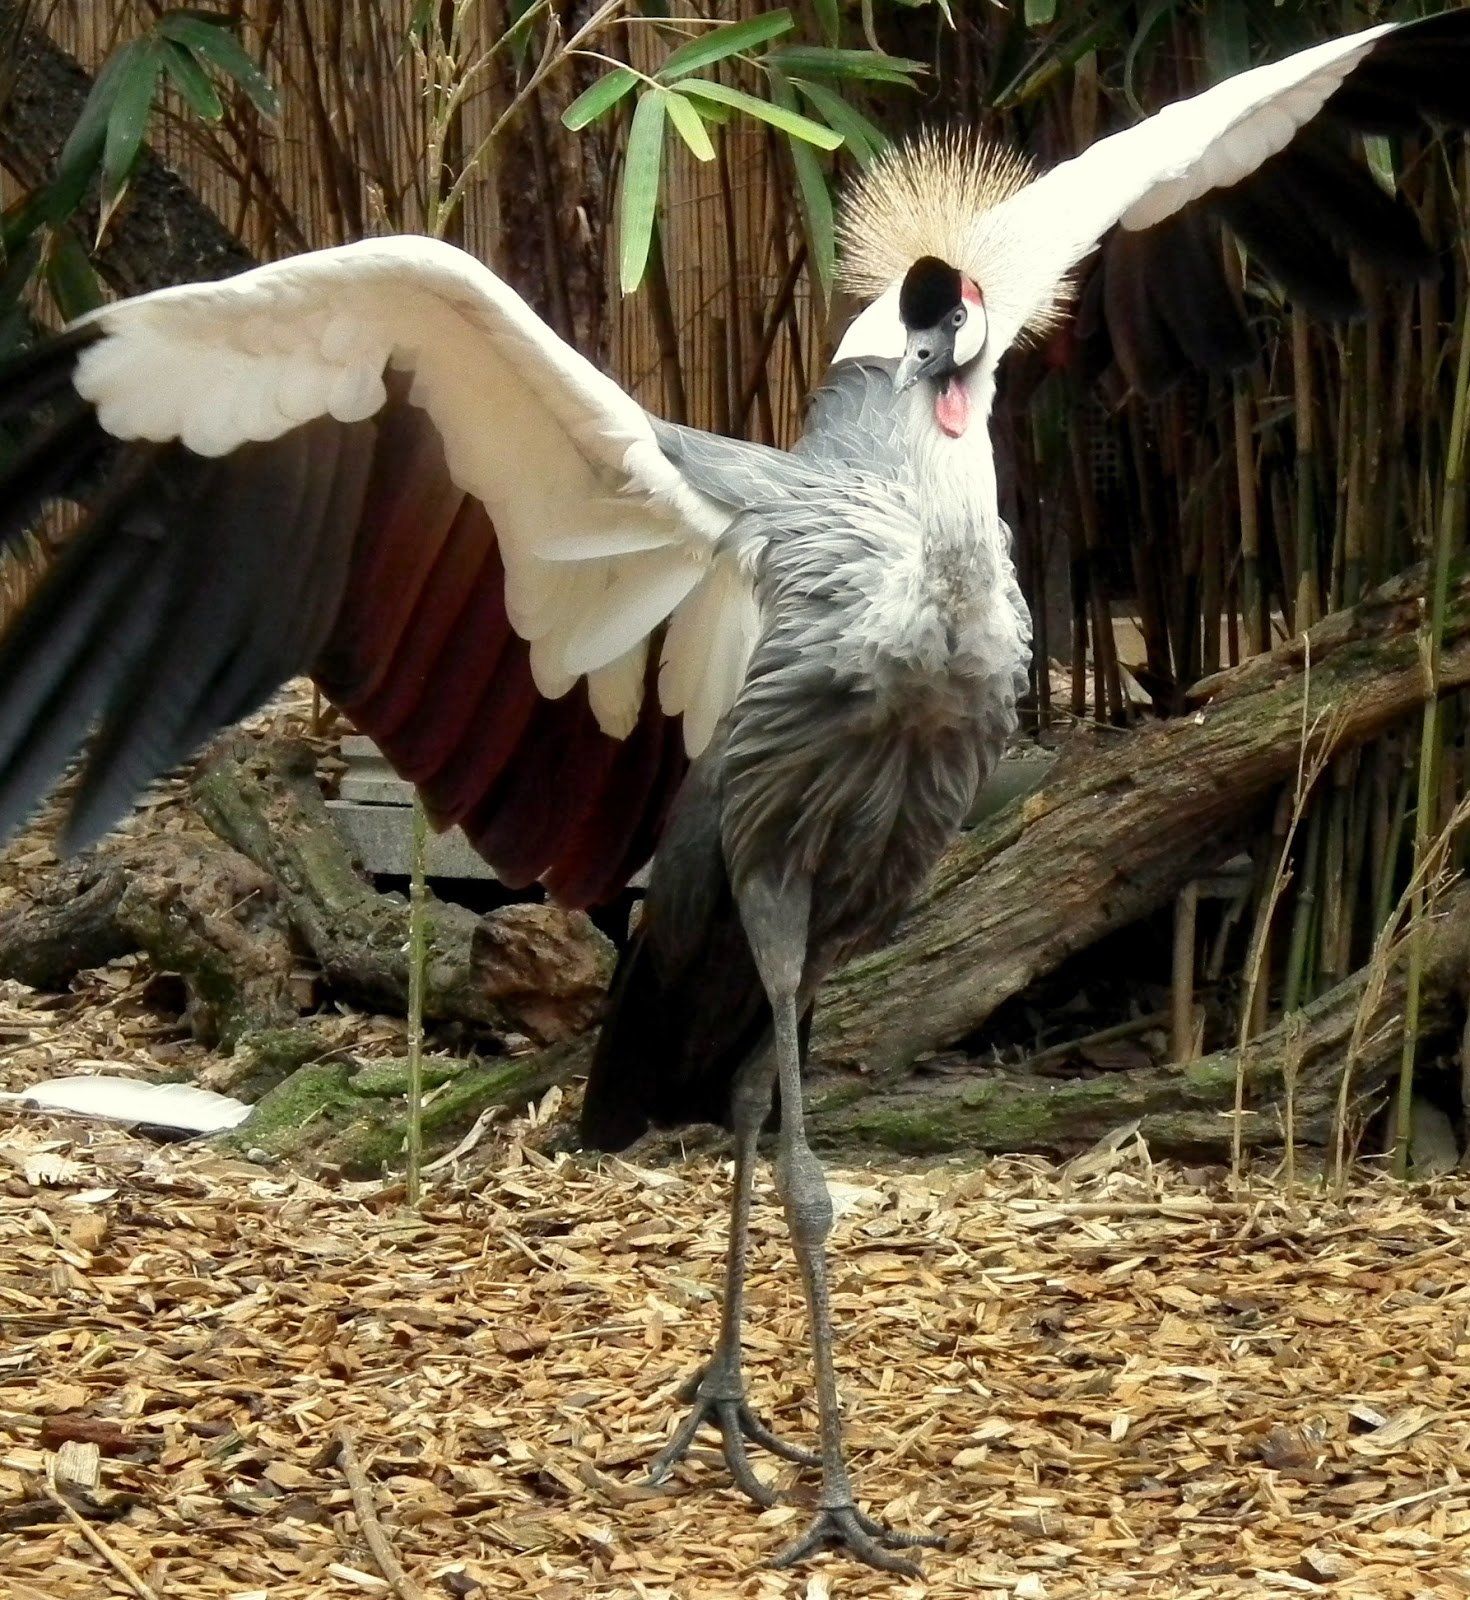 A crowned crane ballet dancing.